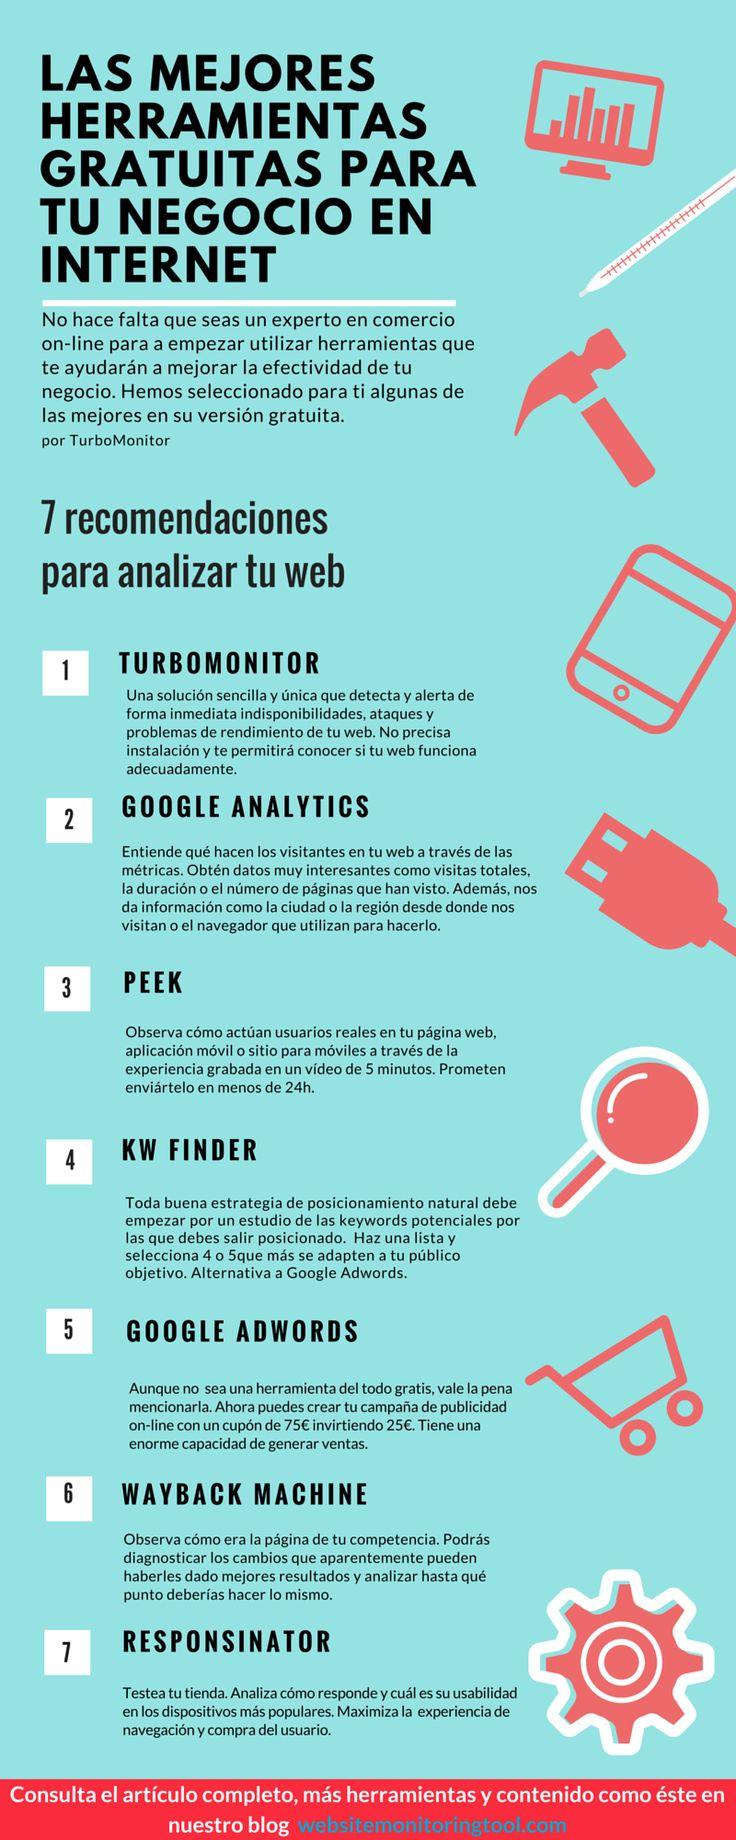 Herramientas de análisis de la web o tienda online #turbomonitor #google #analytics #peek #kwfinder #adwords #waybackmachine #responsinator